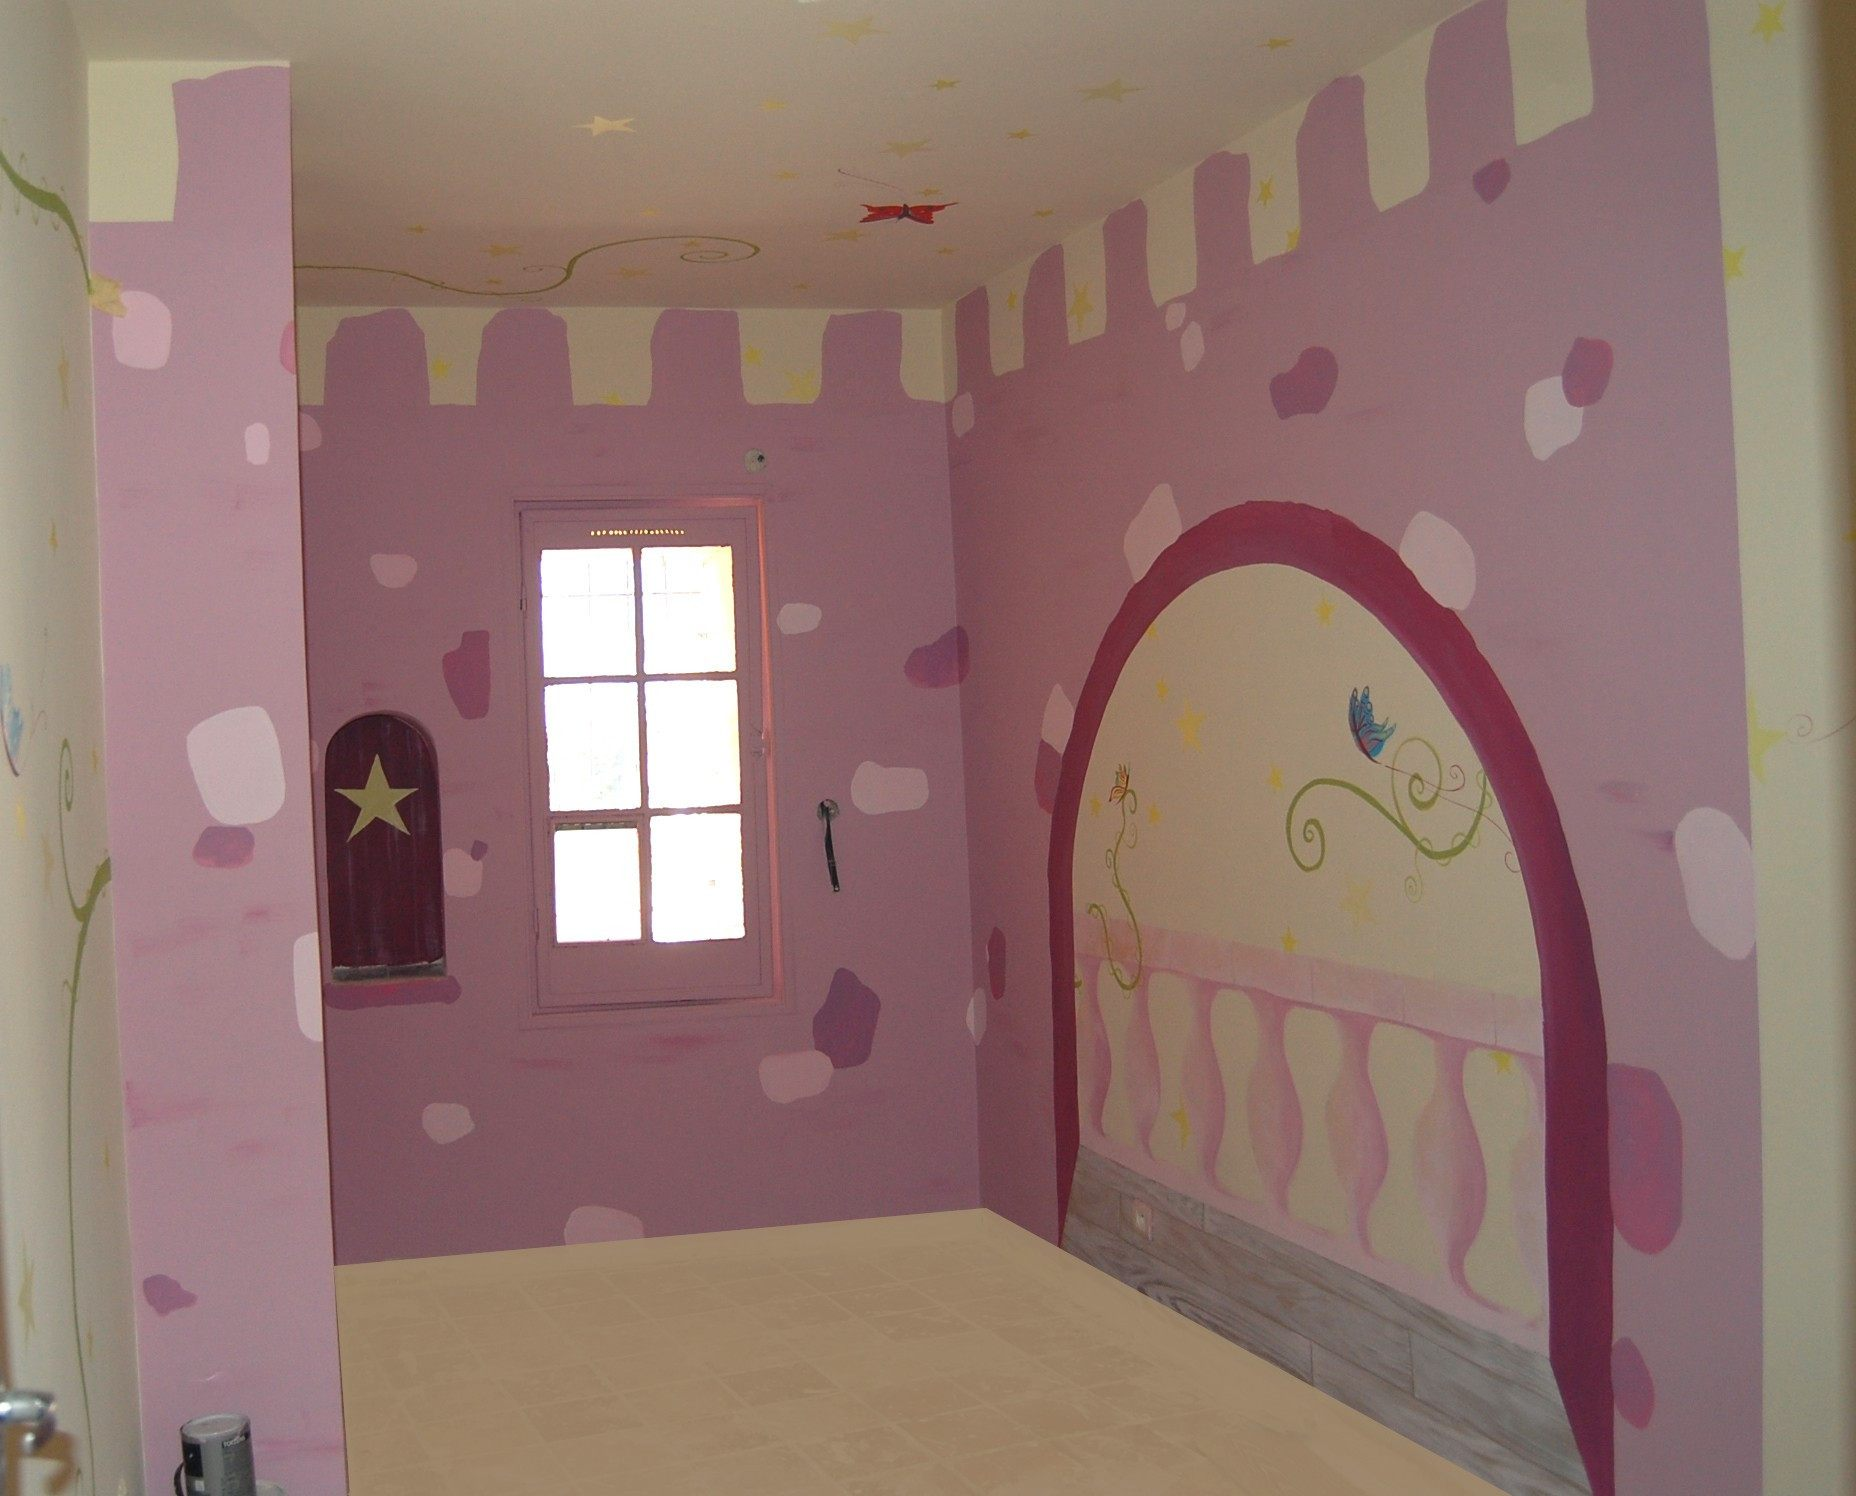 Lit Enfant Tente Bel Tente De Lit Princesse Disney Lit Enfant Parer Les Prix Avec